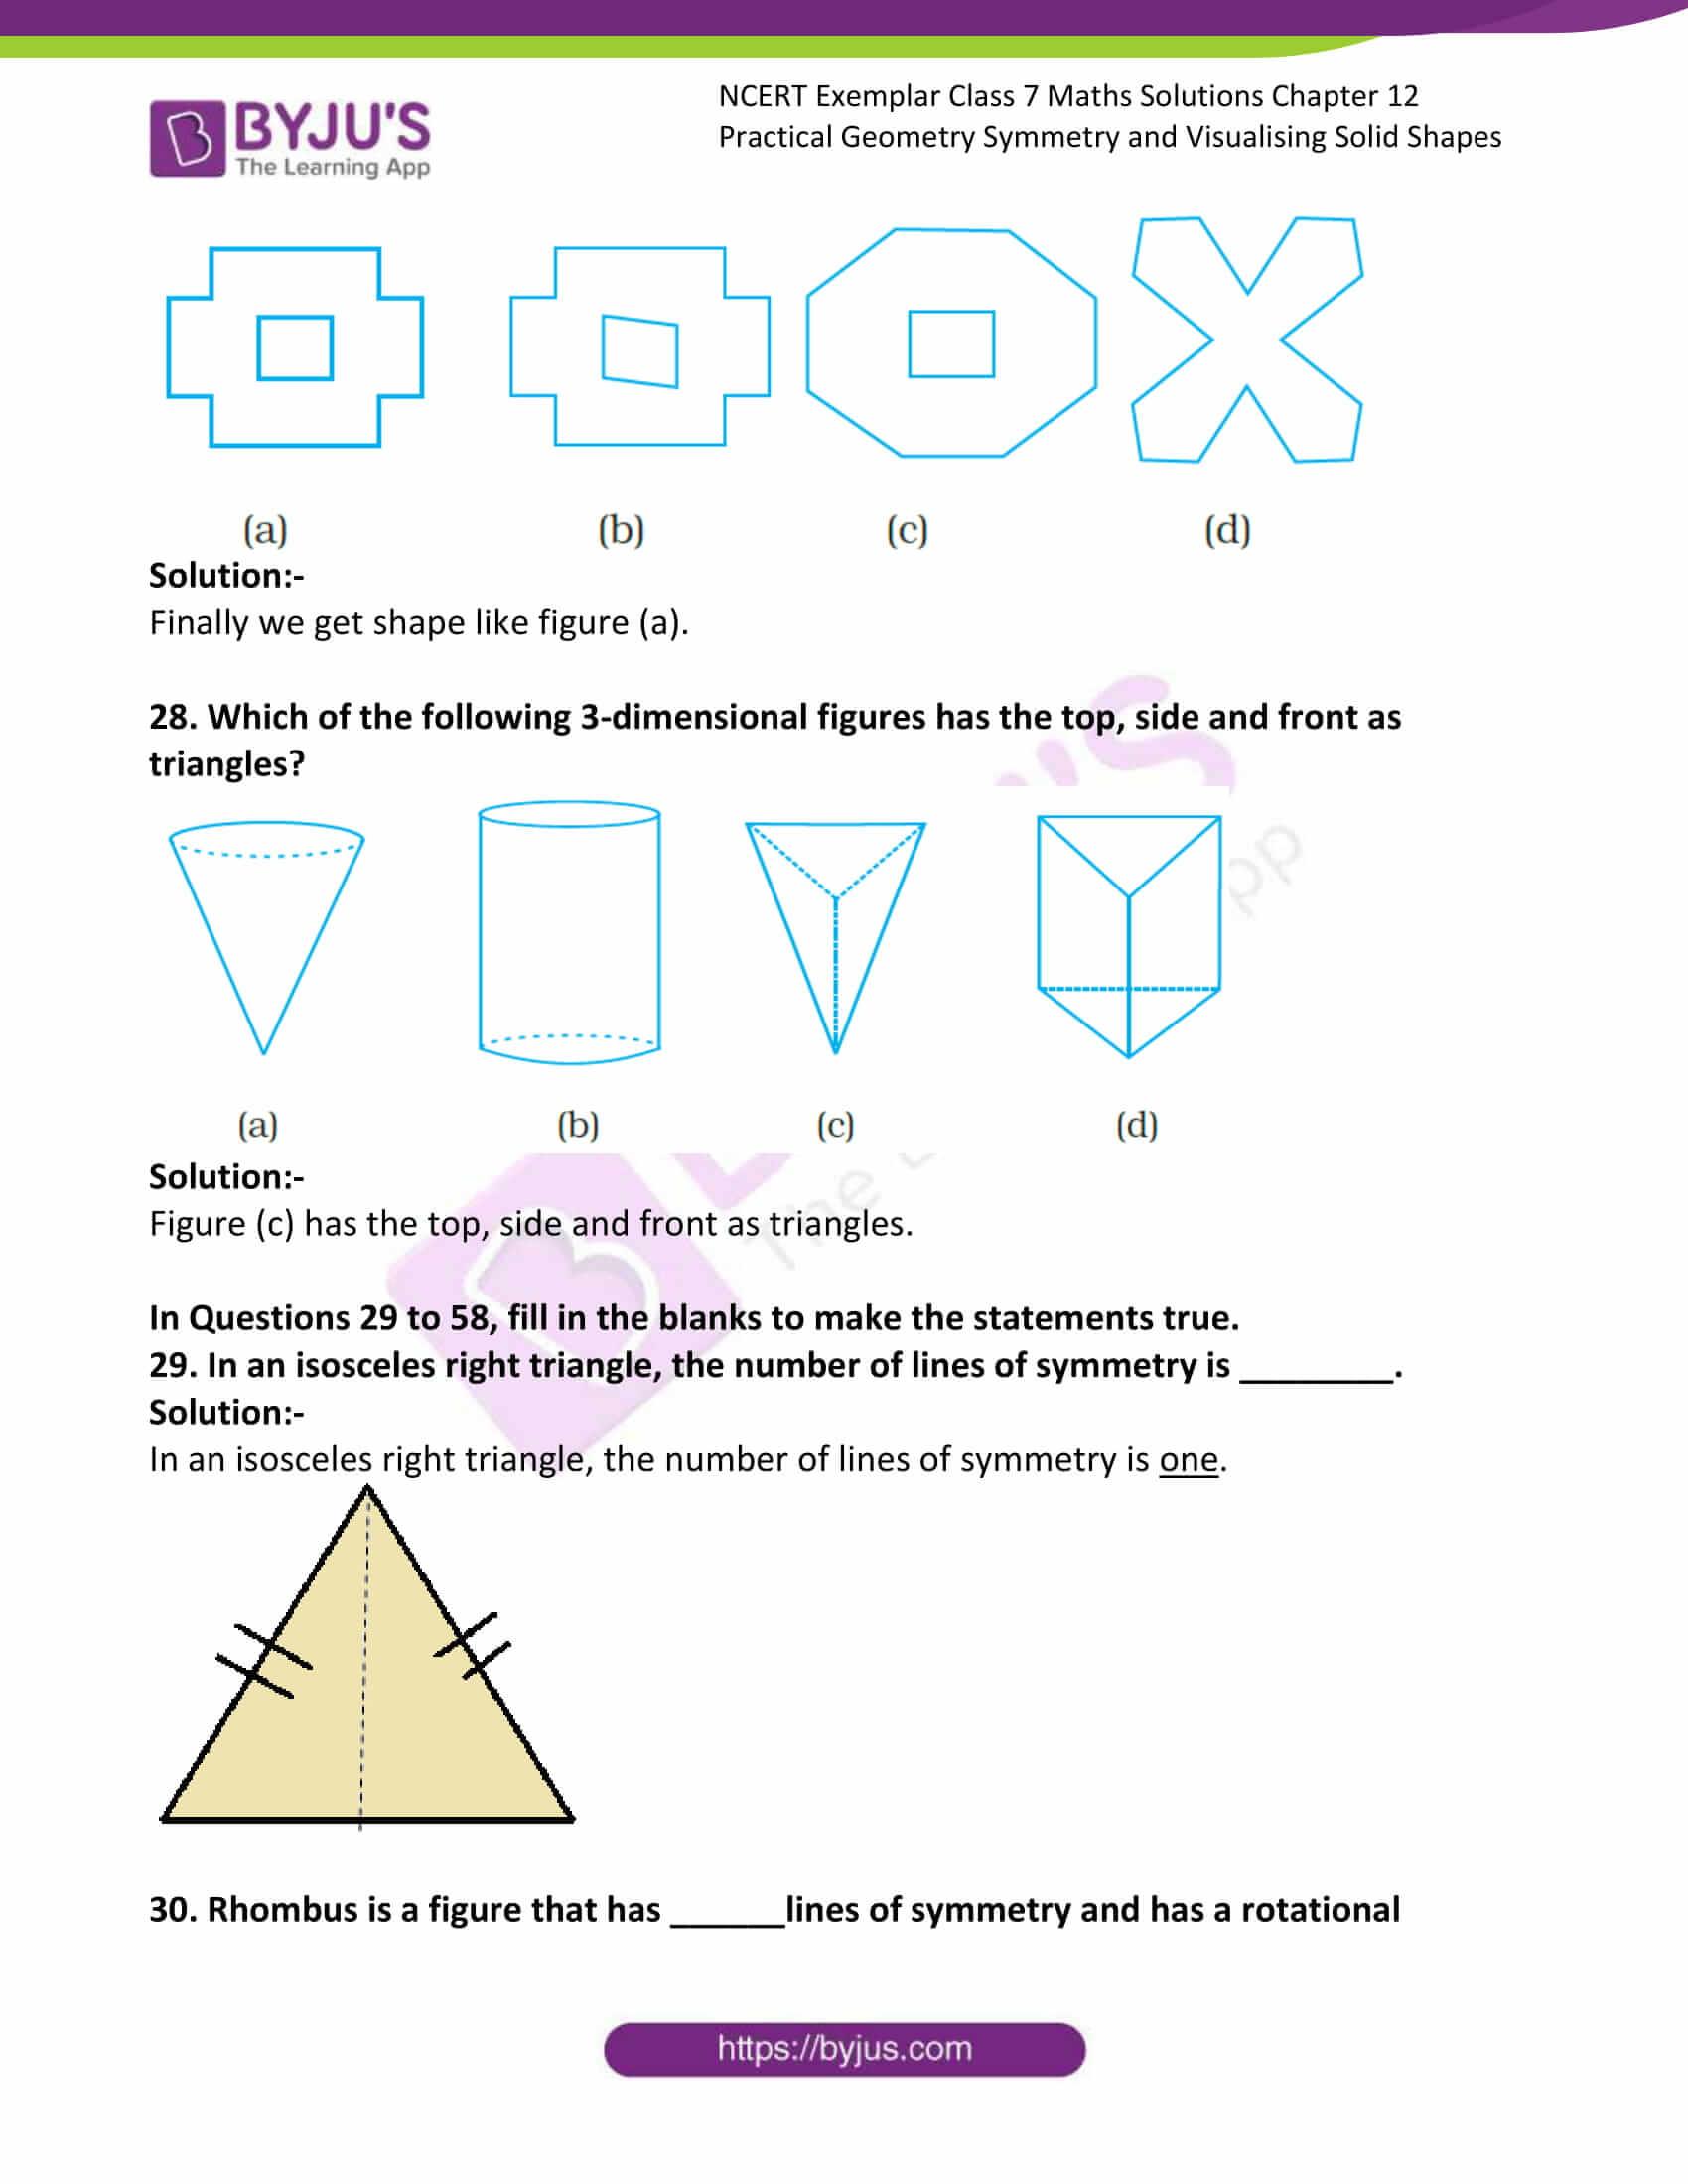 ncert exemplar class 7 maths solutions chapter 12 11